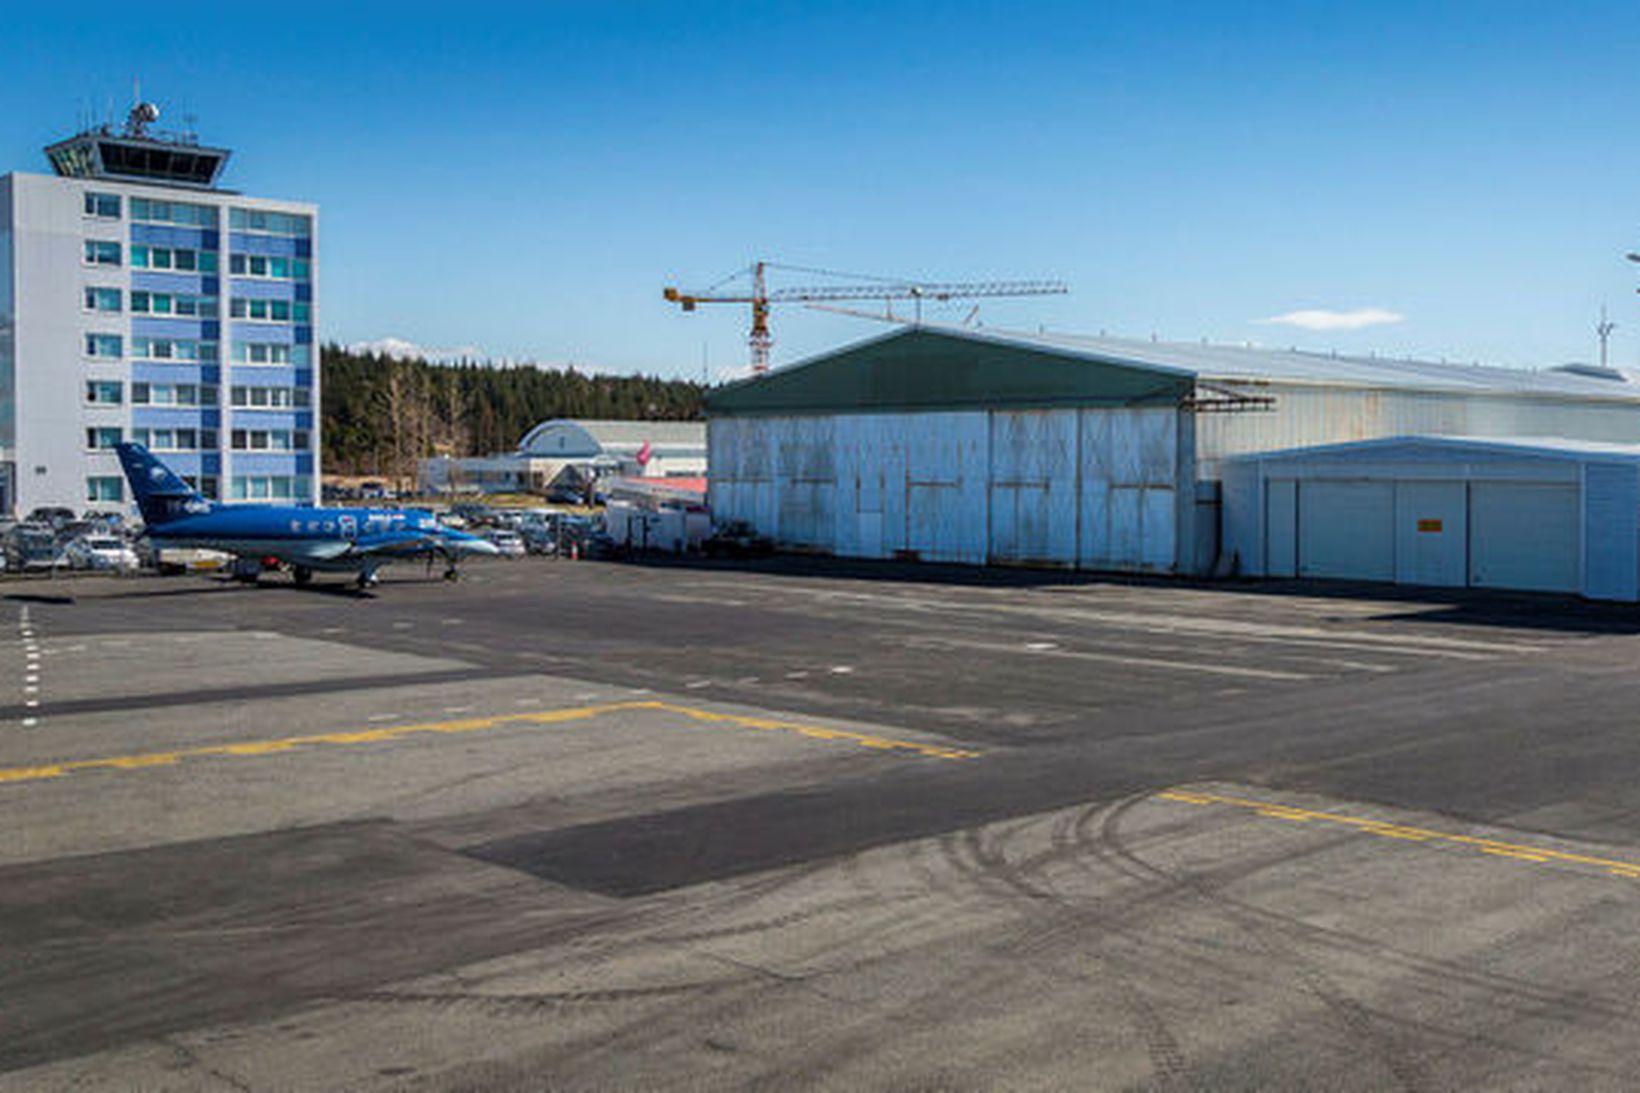 Reykjavíkurflugvöllur. Nýi flugturninn lengst til vinstri, en byrjað var að …